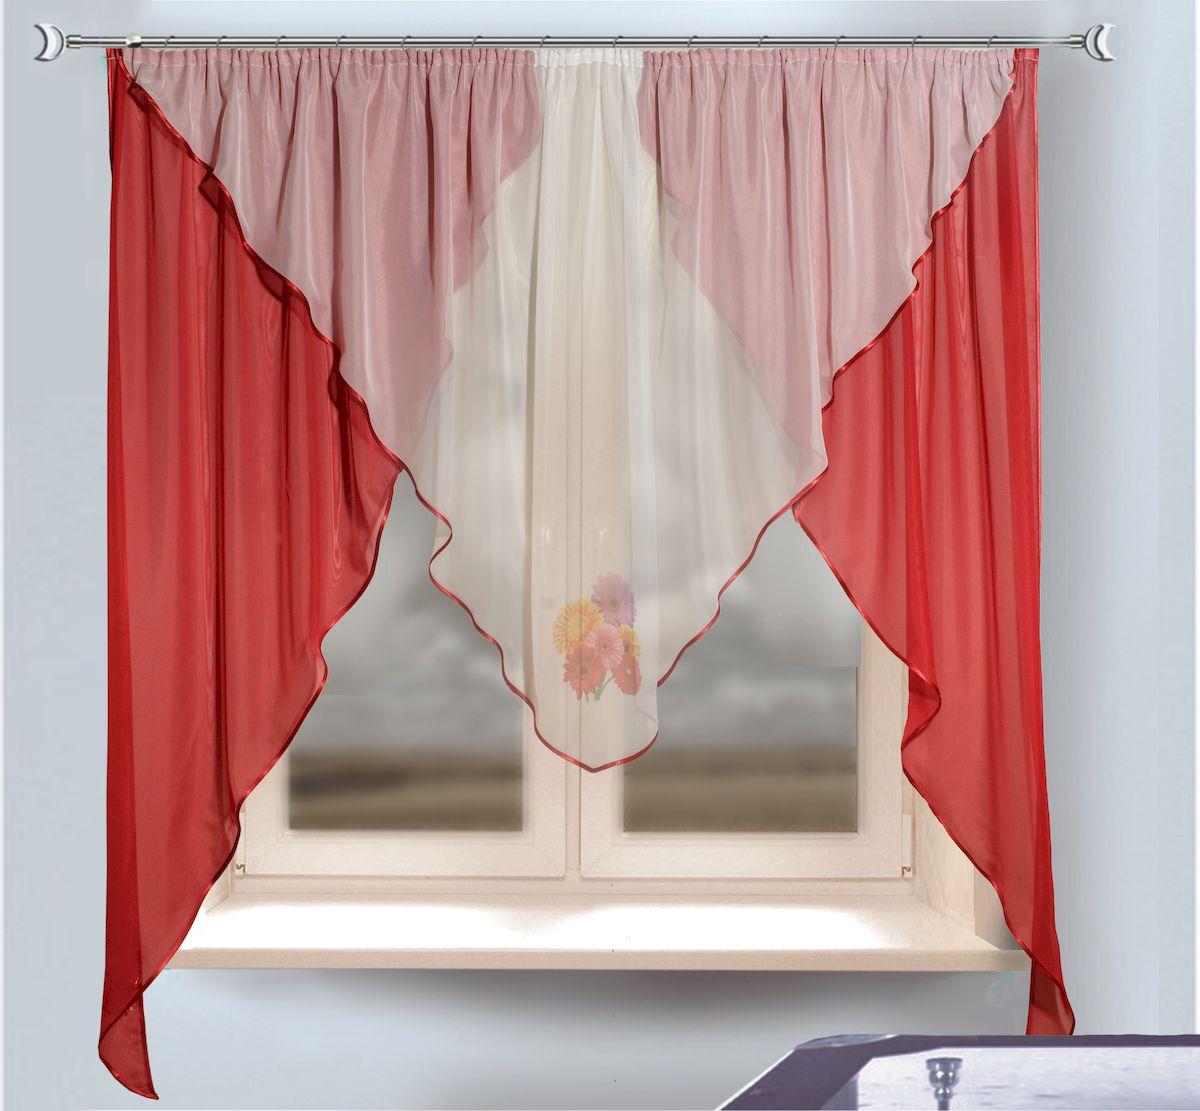 Комплект штор для кухни Zlata Korunka, на ленте, цвет: бордовый, белый, высота 170 см. 333339333339Комплект штор для кухни Zlata Korunka, выполненный из полиэстера, великолепно украсит любое окно. Комплект состоит из тюля, ламбрекена и двух штор. Оригинальный крой и приятная цветовая гамма привлекут к себе внимание и органично впишутся в интерьер помещения. Этот комплект будет долгое время радовать вас и вашу семью! Комплект крепится на карниз при помощи ленты, которая поможет красиво и равномерно задрапировать верх. В комплект входит: Ламбрекен: 1 шт. Размер (Ш х В): 280 х 115 см. Тюль: 1 шт. Размер (Ш х В): 280 х 170 см. Штора: 2 шт. Размер (Ш х В): 130 х 170 см.